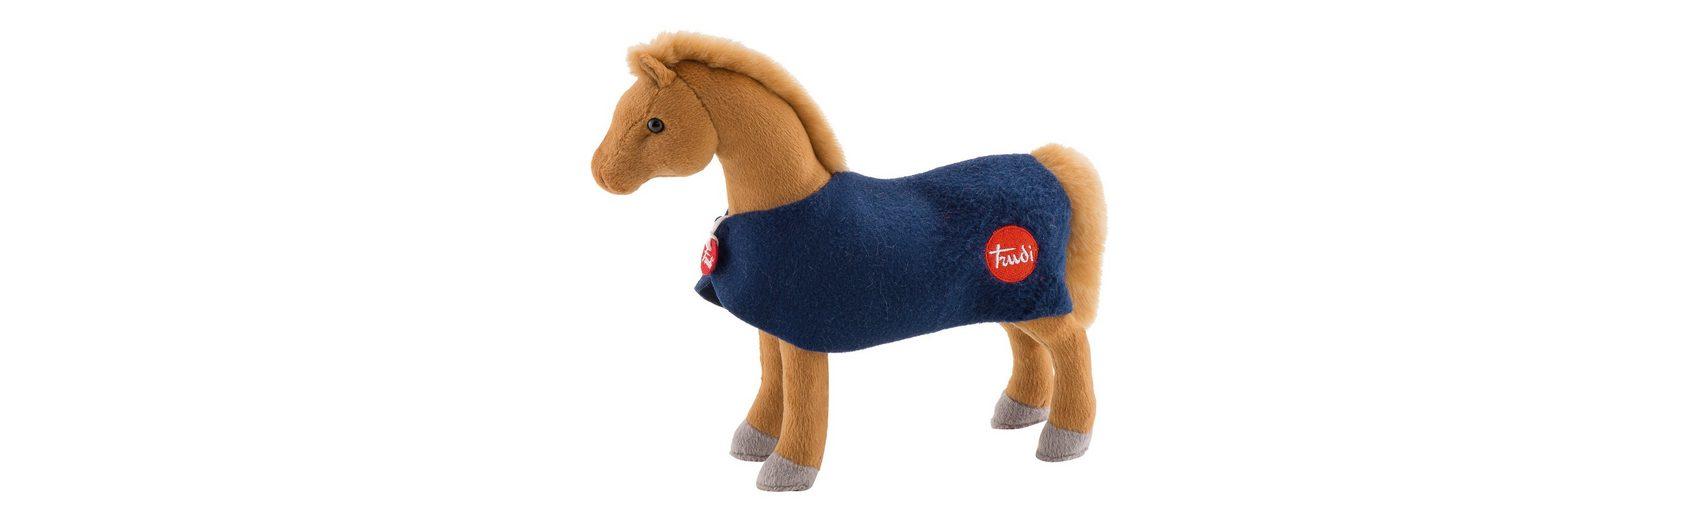 Trudi Pferd Eclipse rot, 32cm